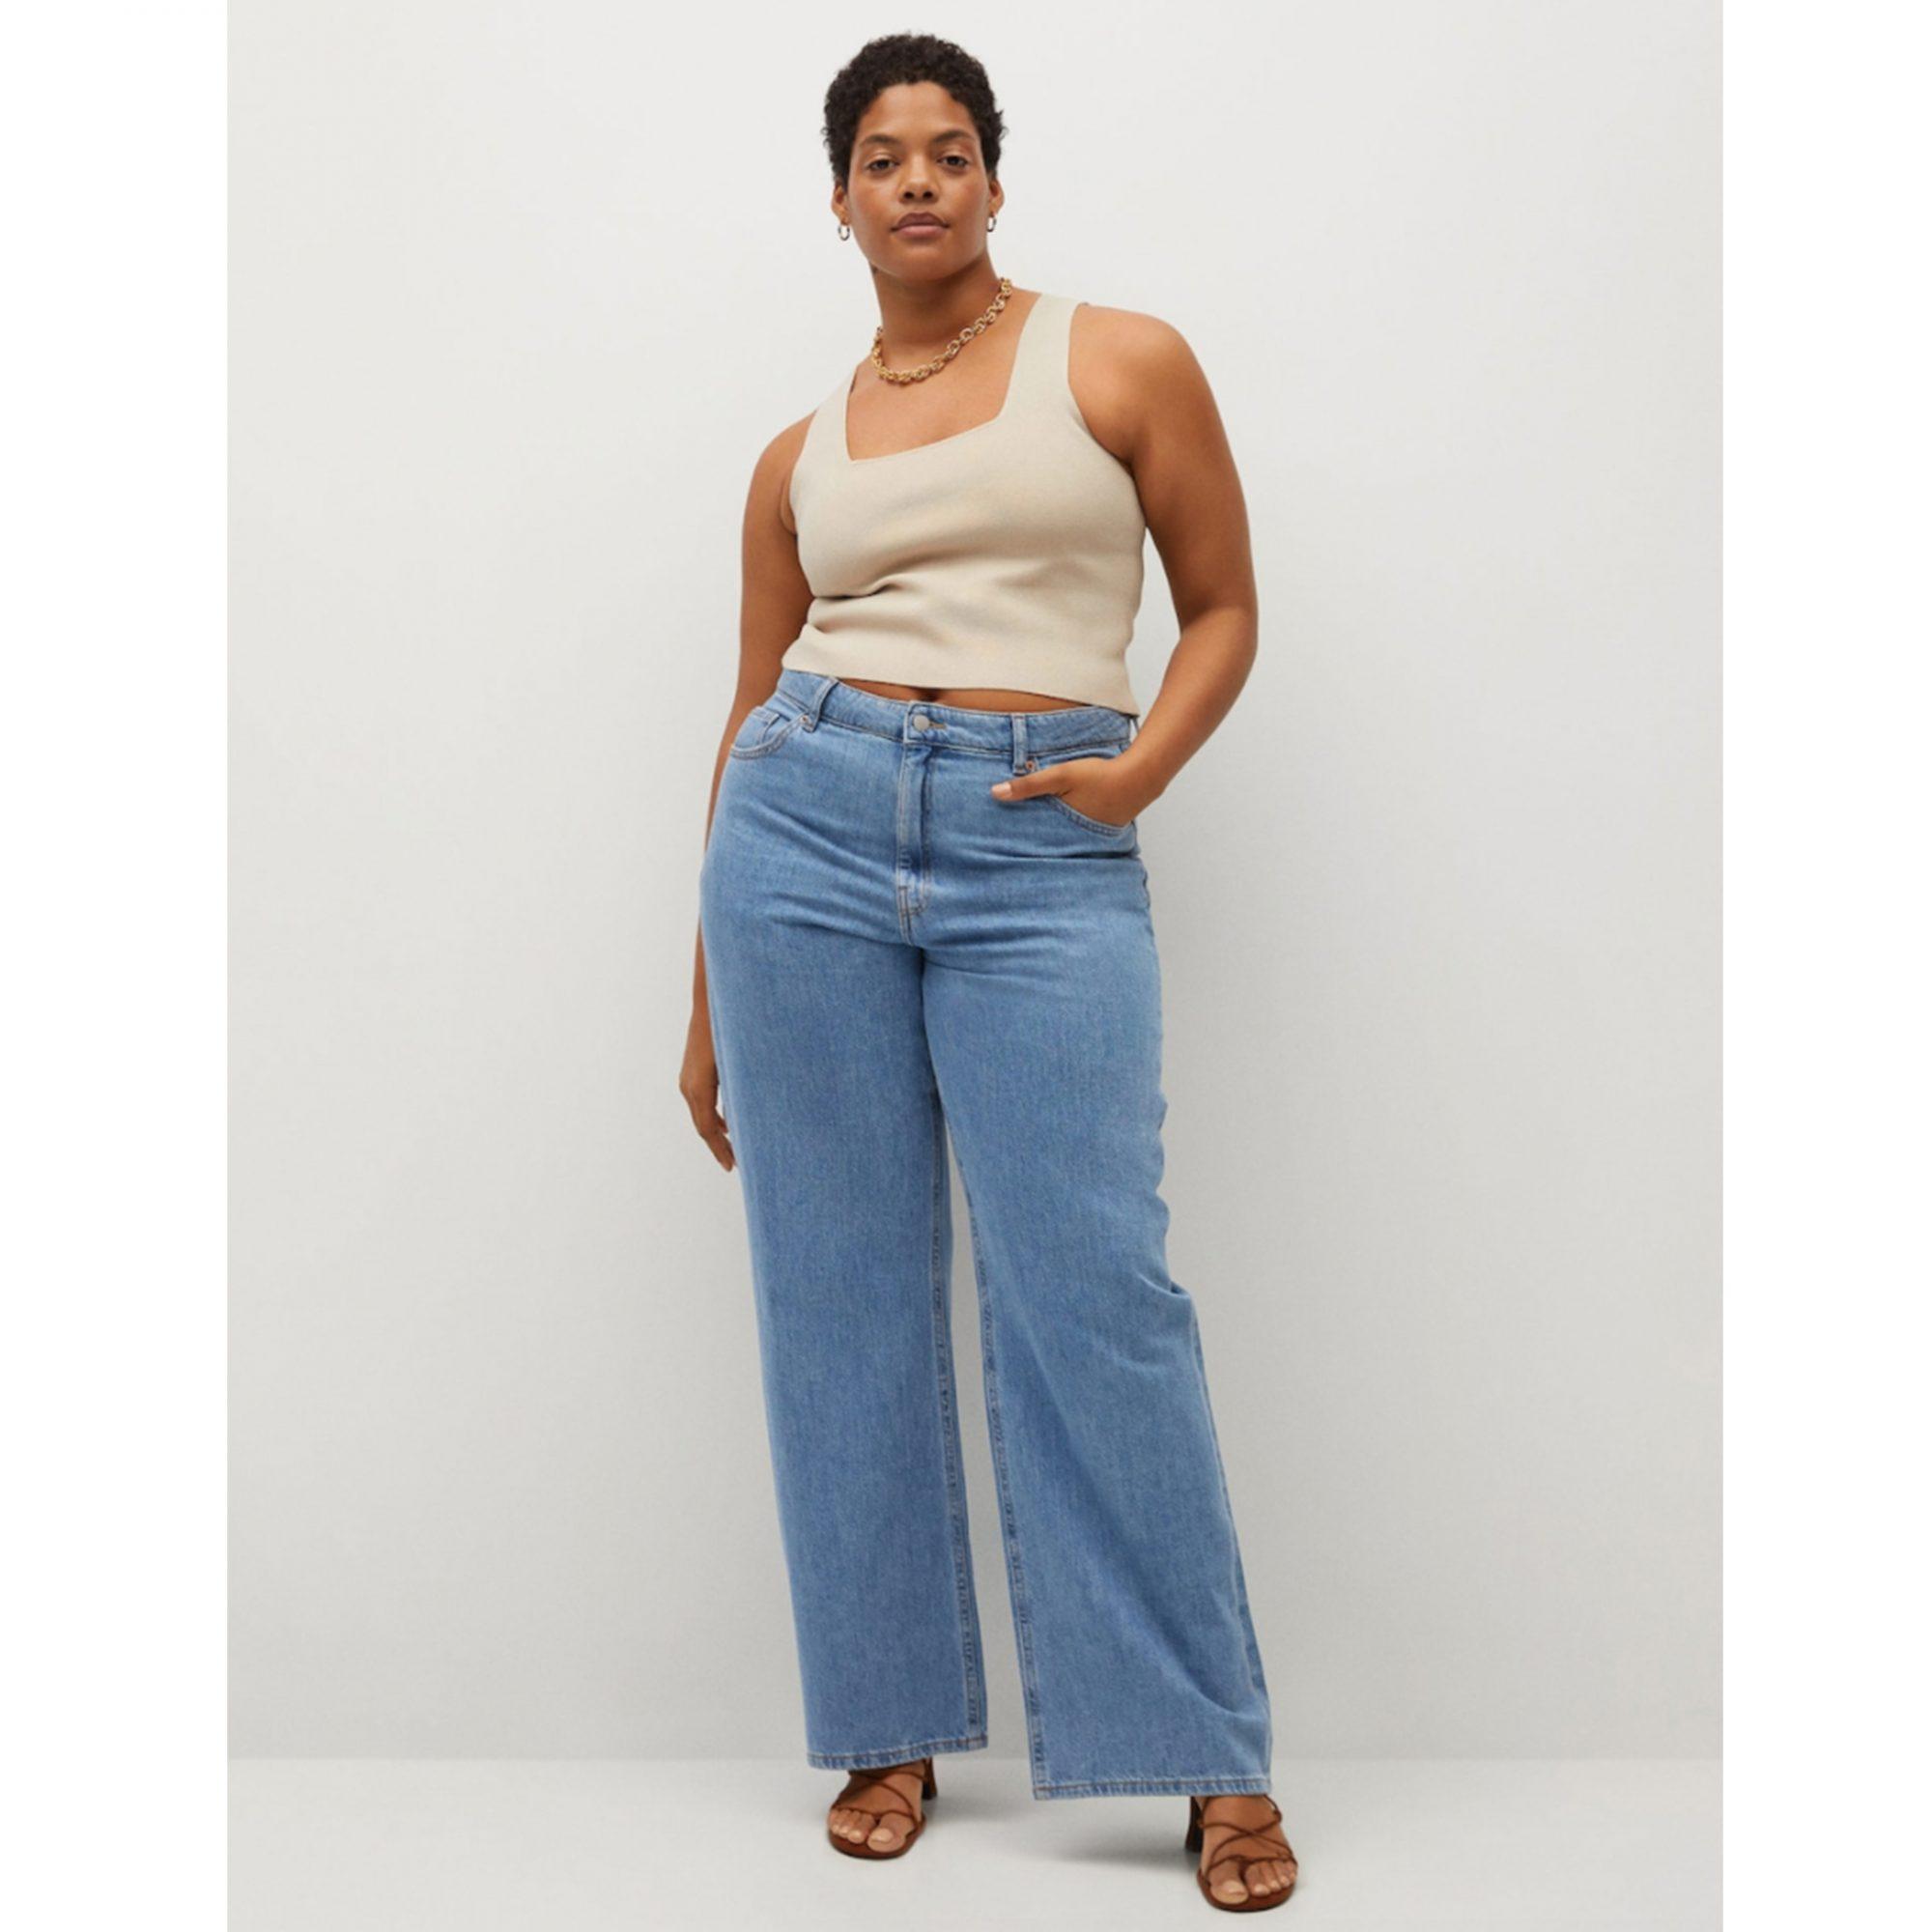 mango-wide-leg-jeans, best-jeans-for-women